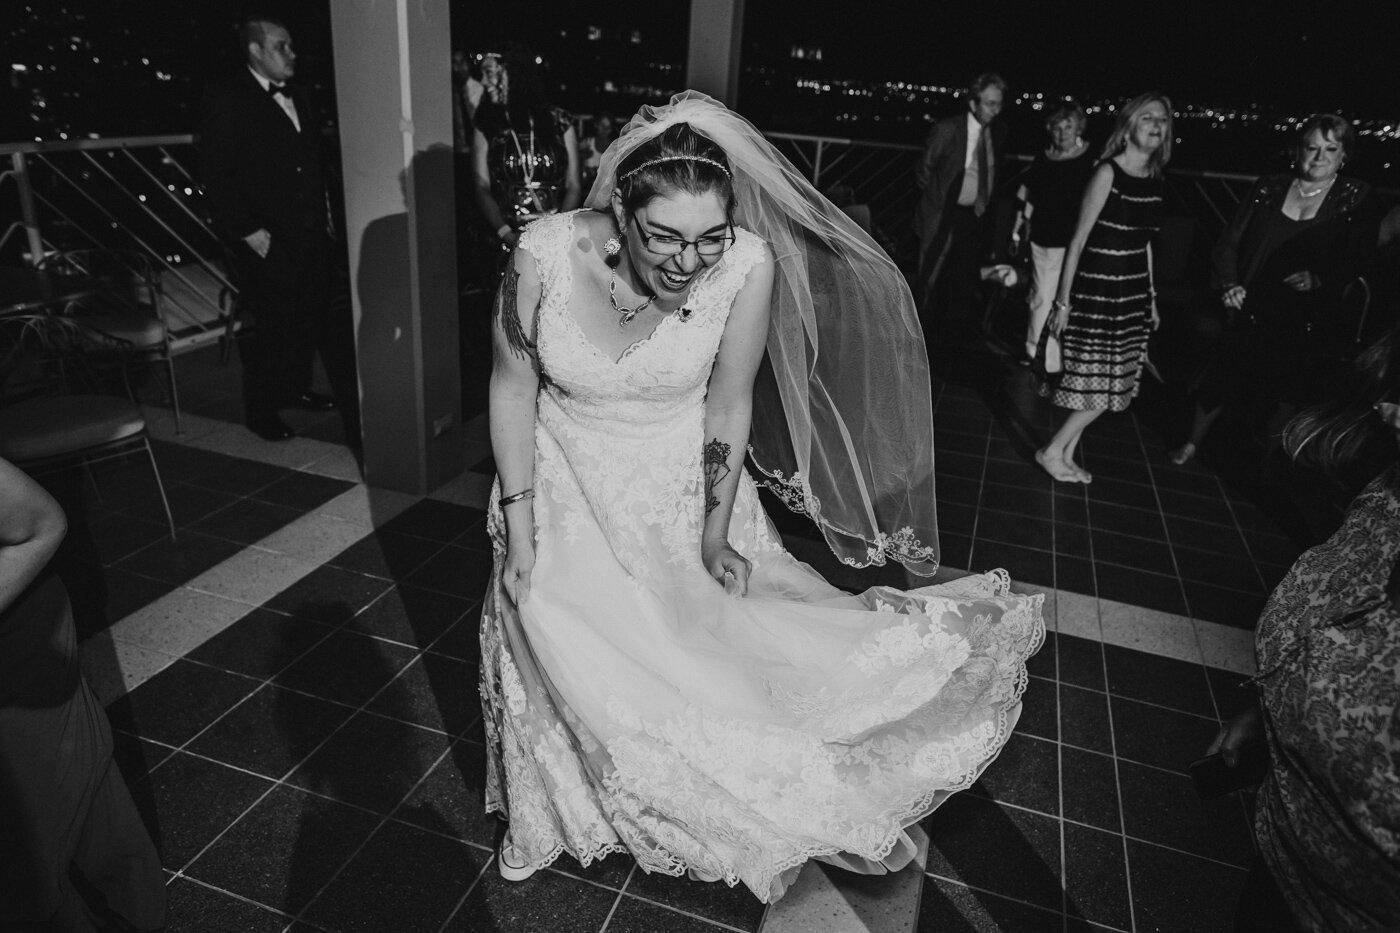 bride-dancing-at-wedding